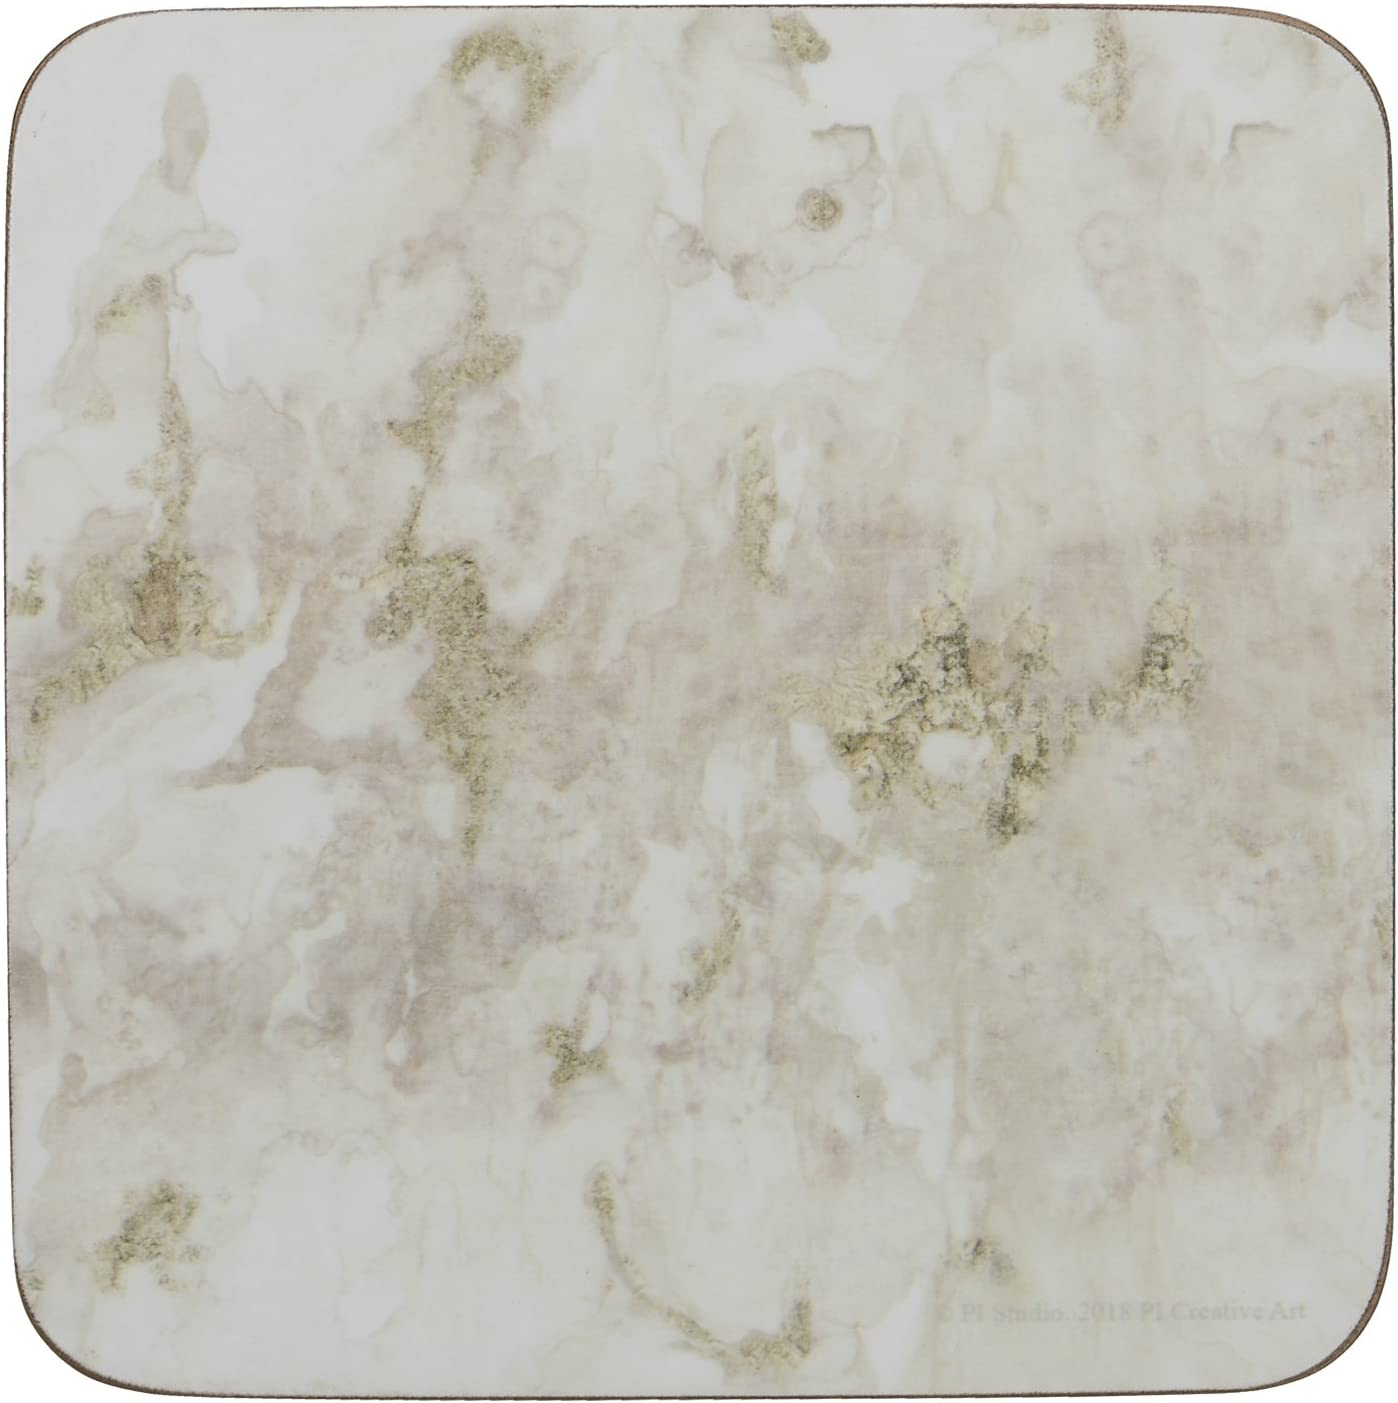 dise/ño de vinos pr/émium parte posterior de corcho Juego de 6 manteles individuales Corcho Coasters Creative Tops